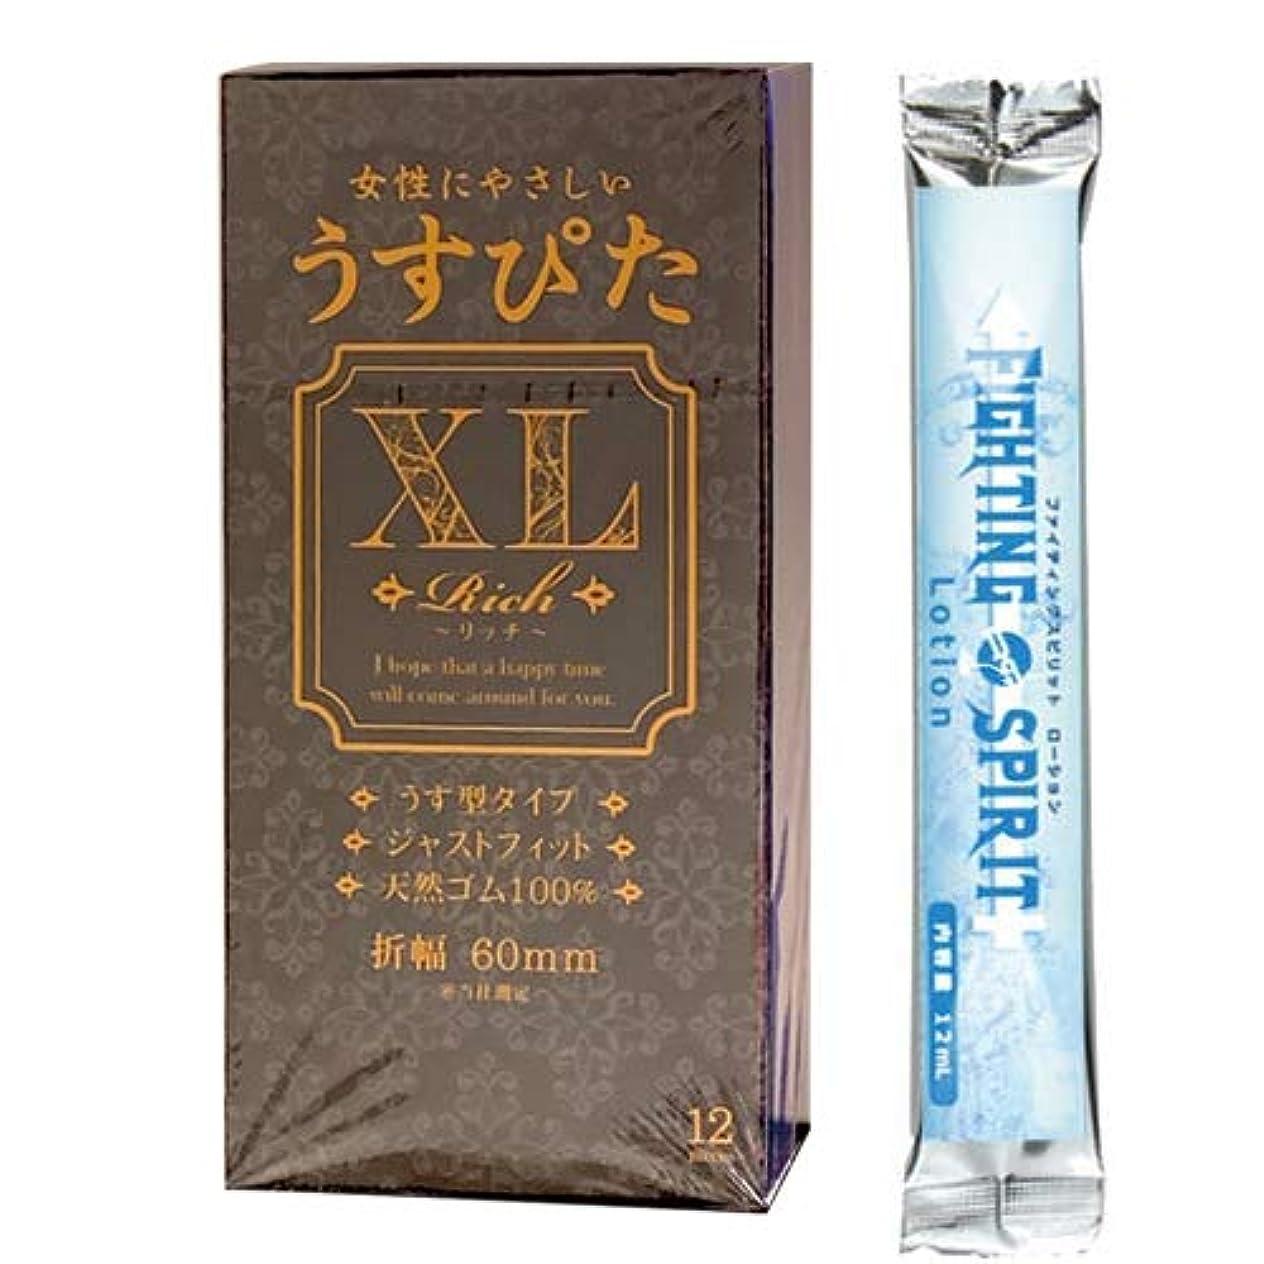 社会科戦闘実験的ジャパンメディカル うすぴた XL Rich(リッチ)コンドーム 12個入 + ファイティングスピリットローション12mL